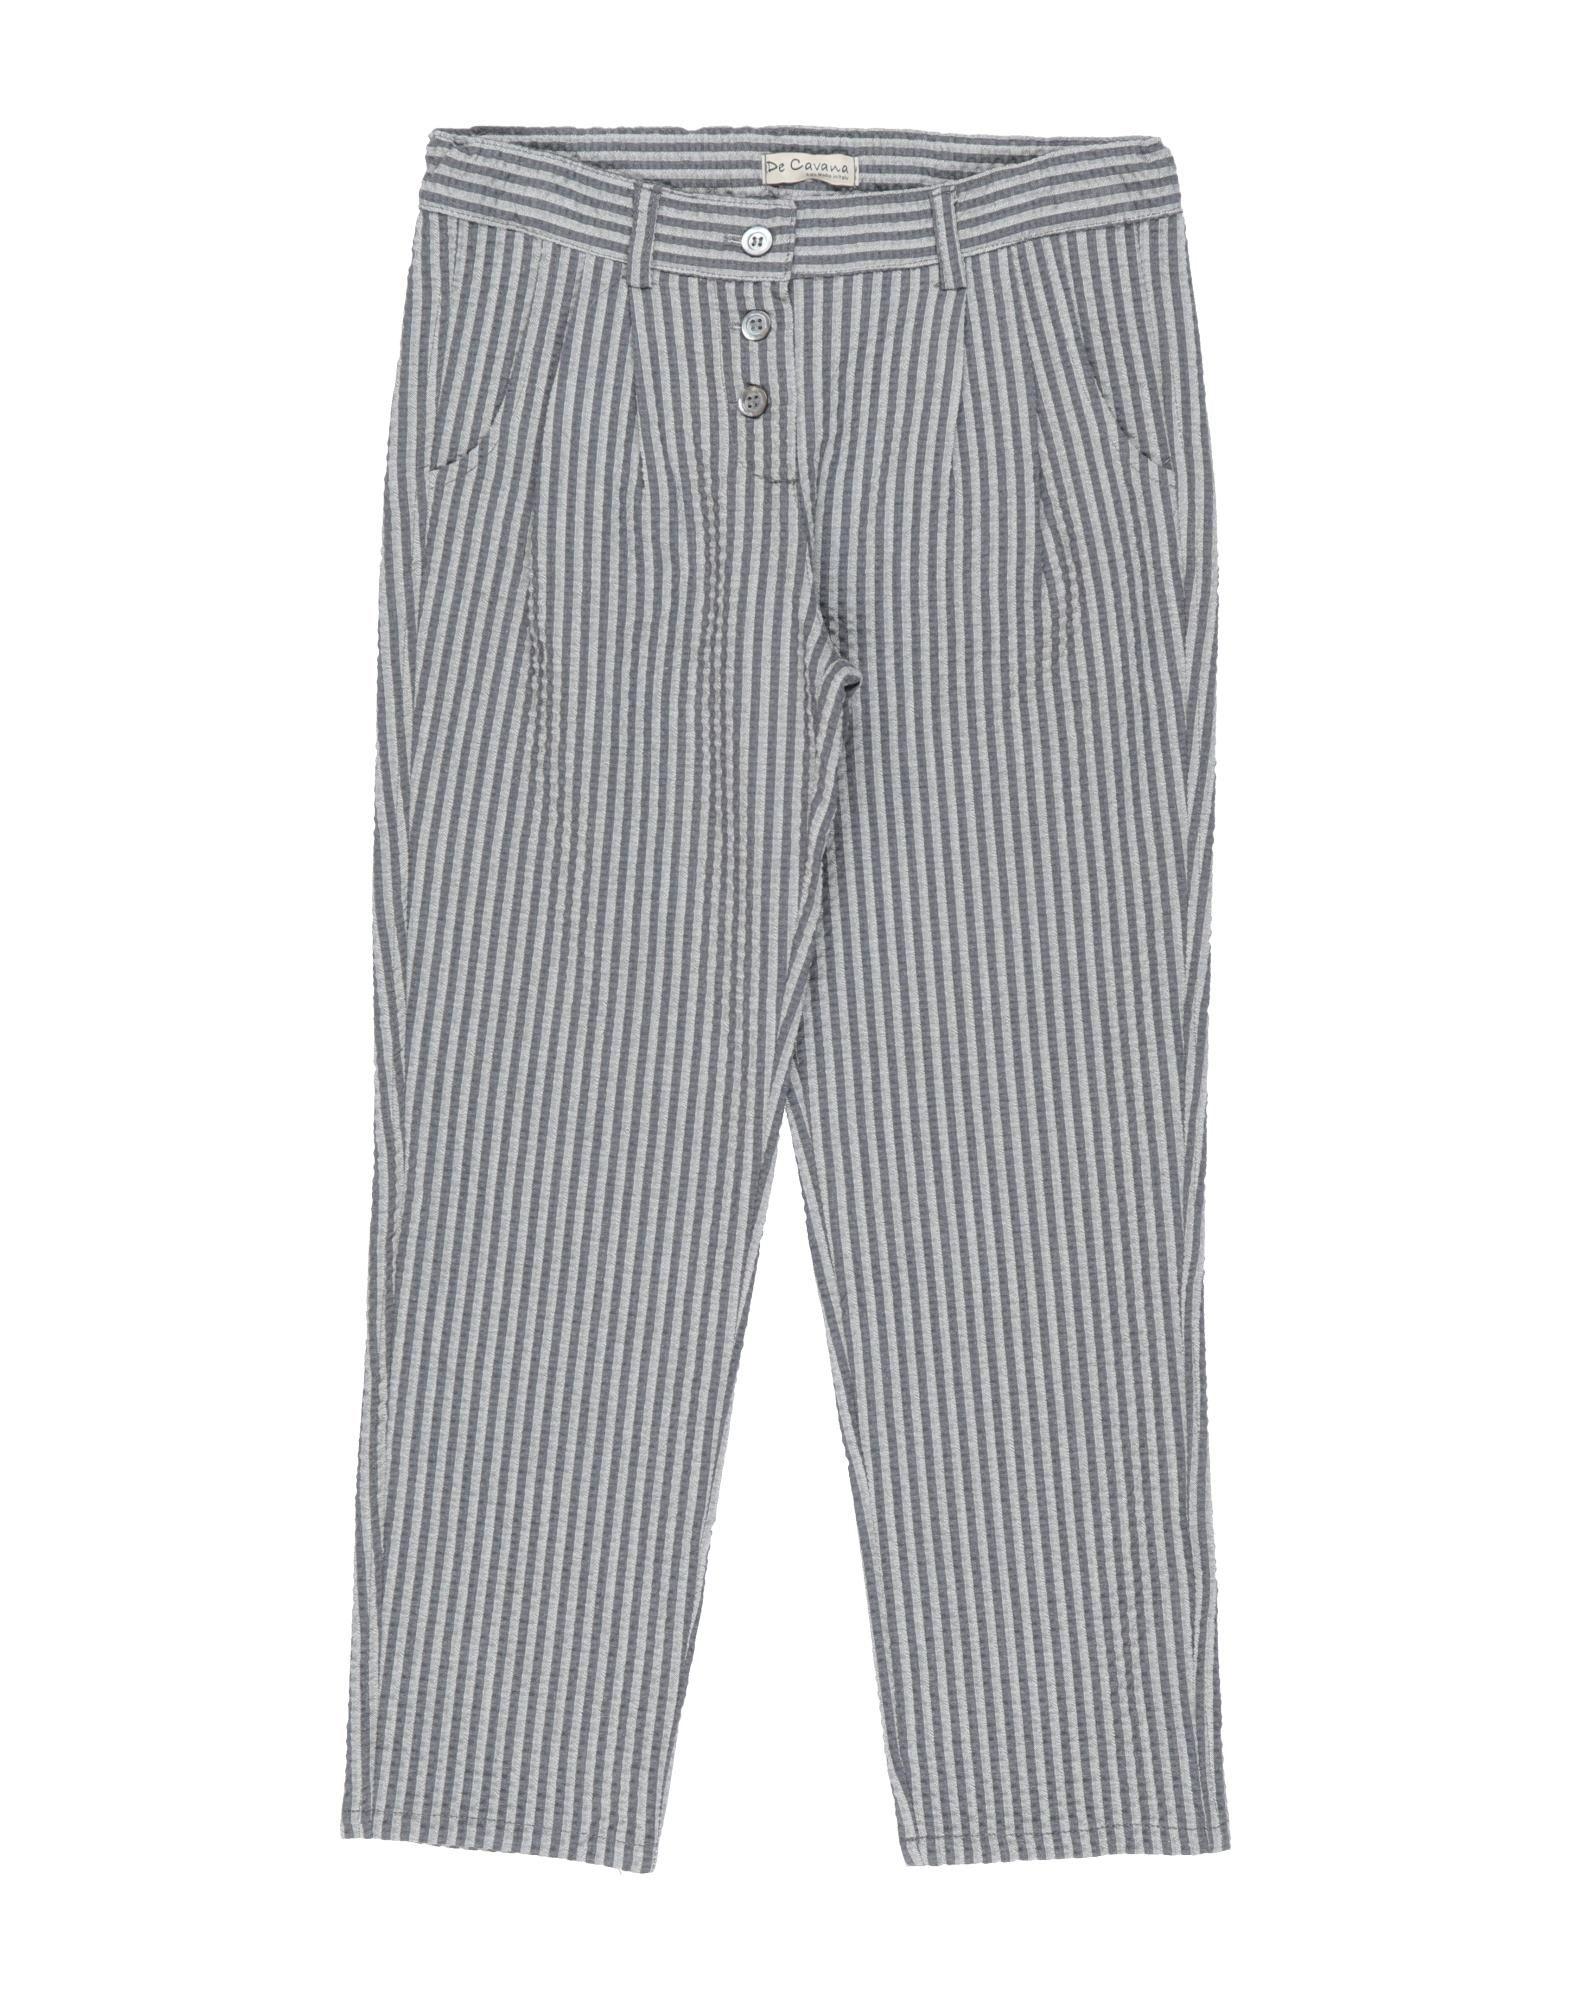 De Cavana Kids' Casual Pants In Gray